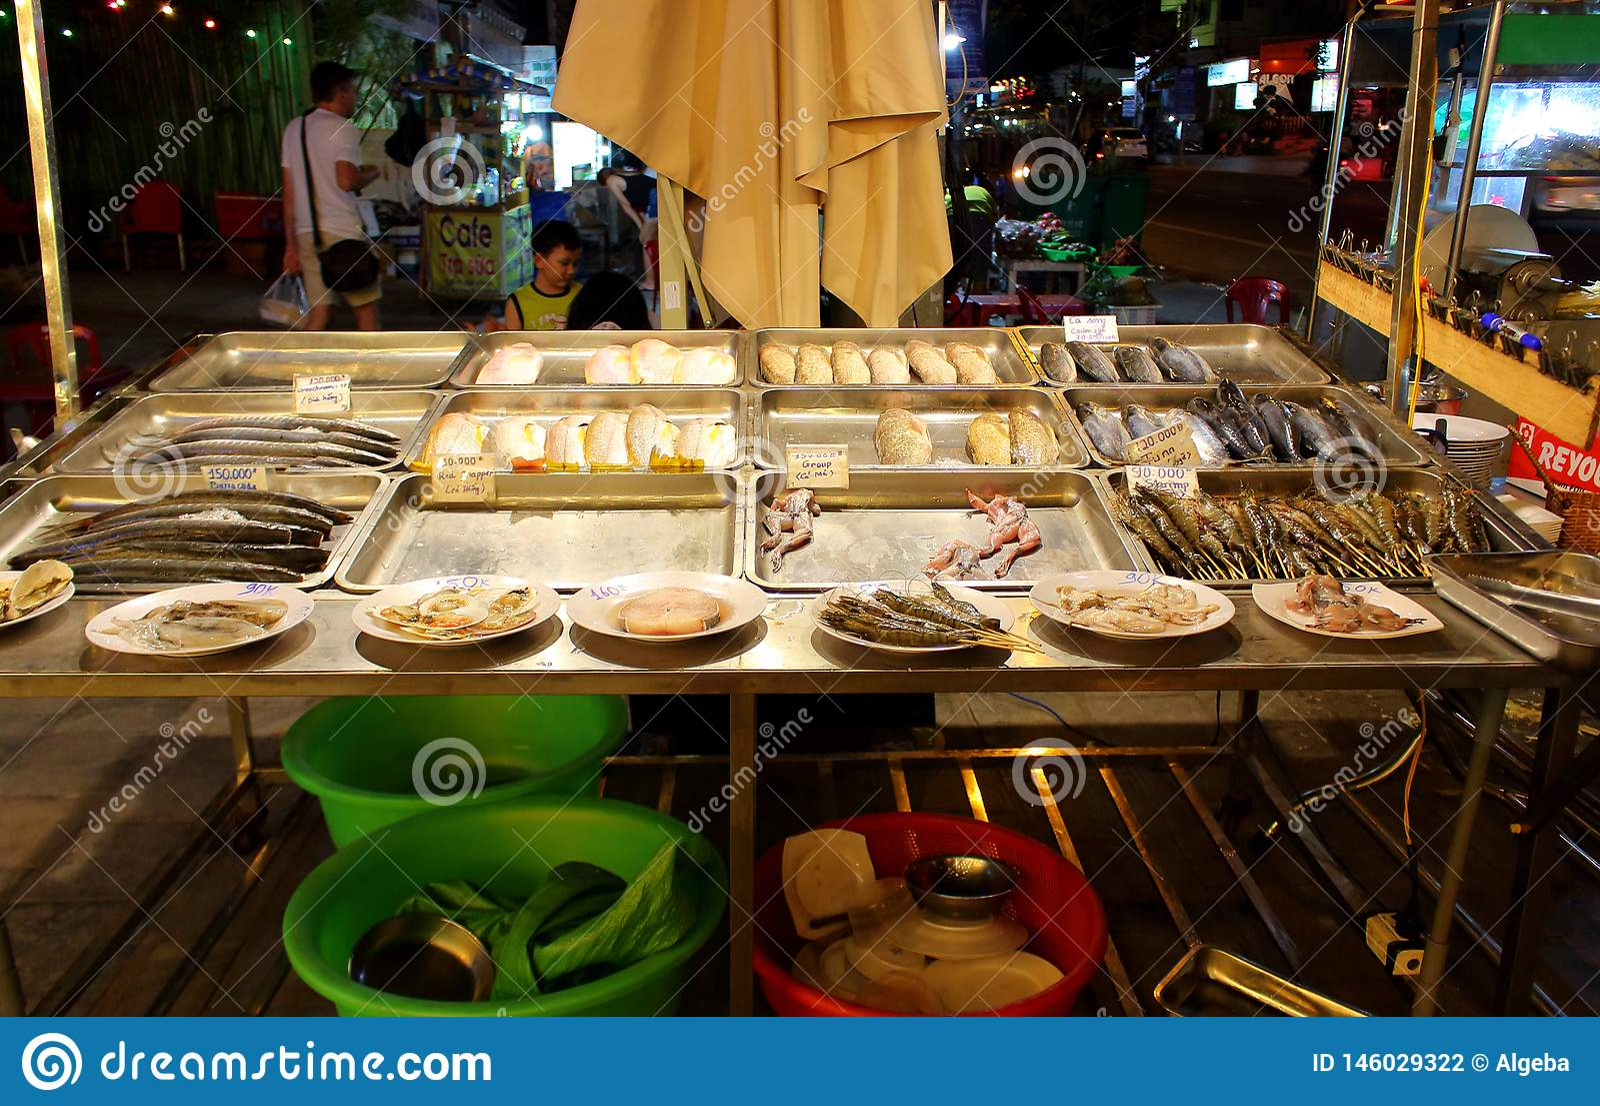 陈列室街道咖啡馆用海鲜